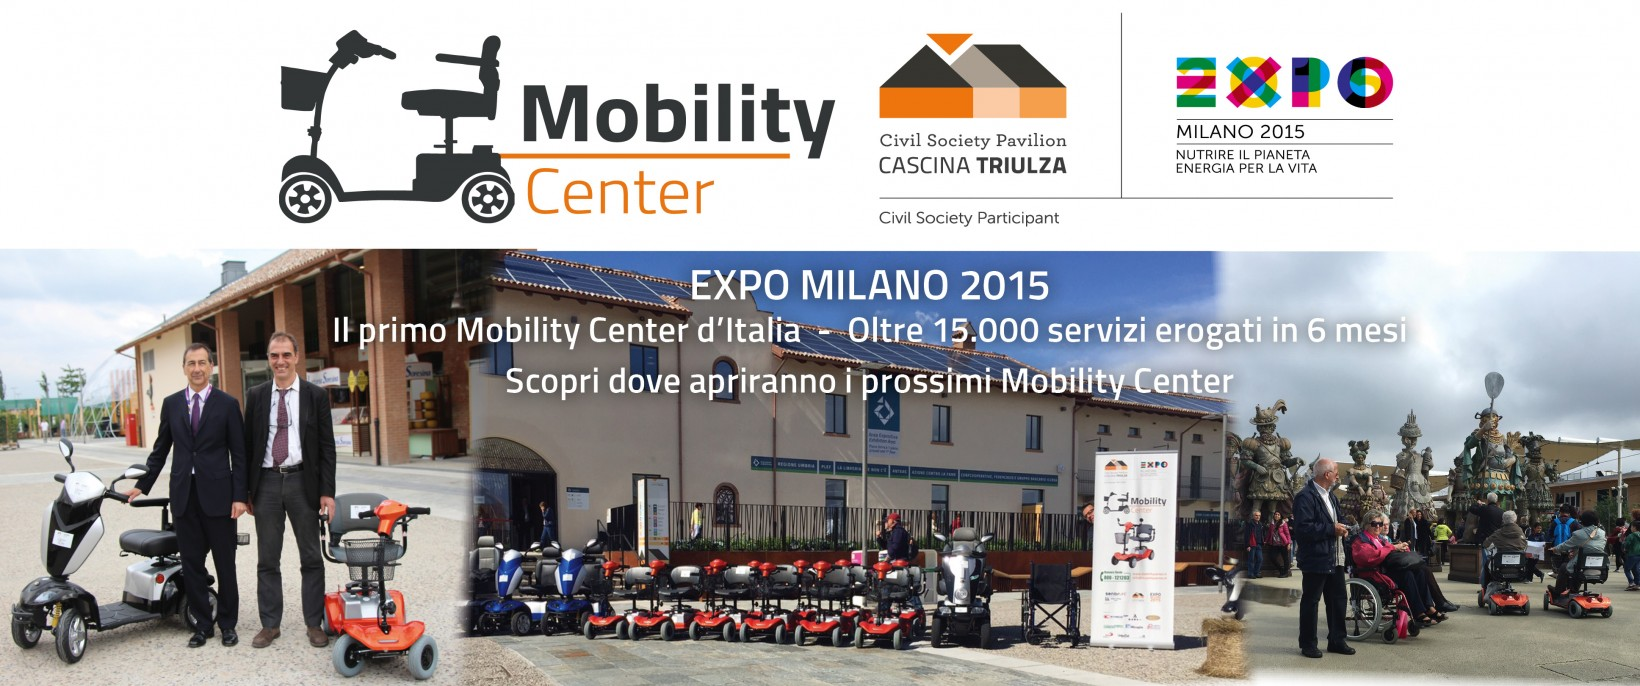 mobility center expo milano 2015